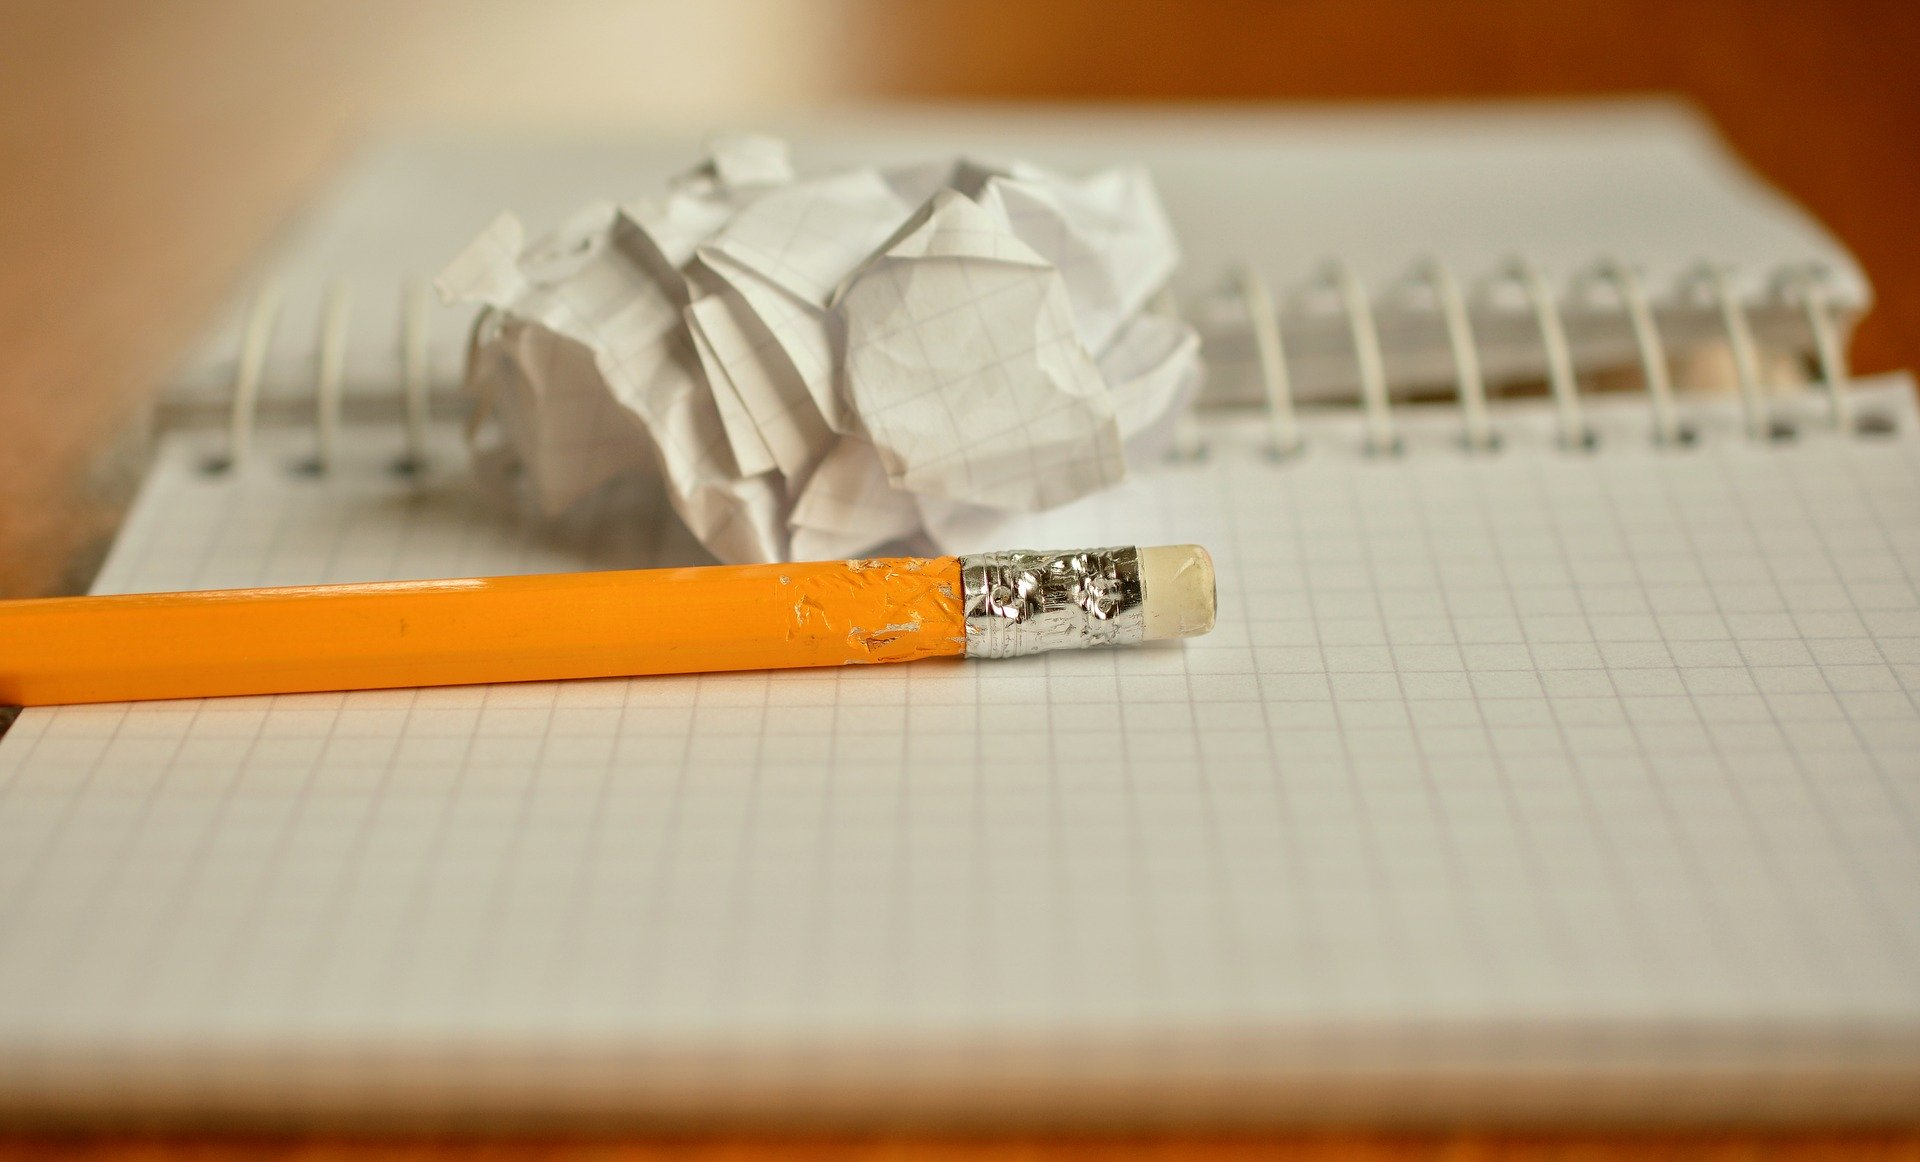 Un cahier, un crayon et une feuille froissée